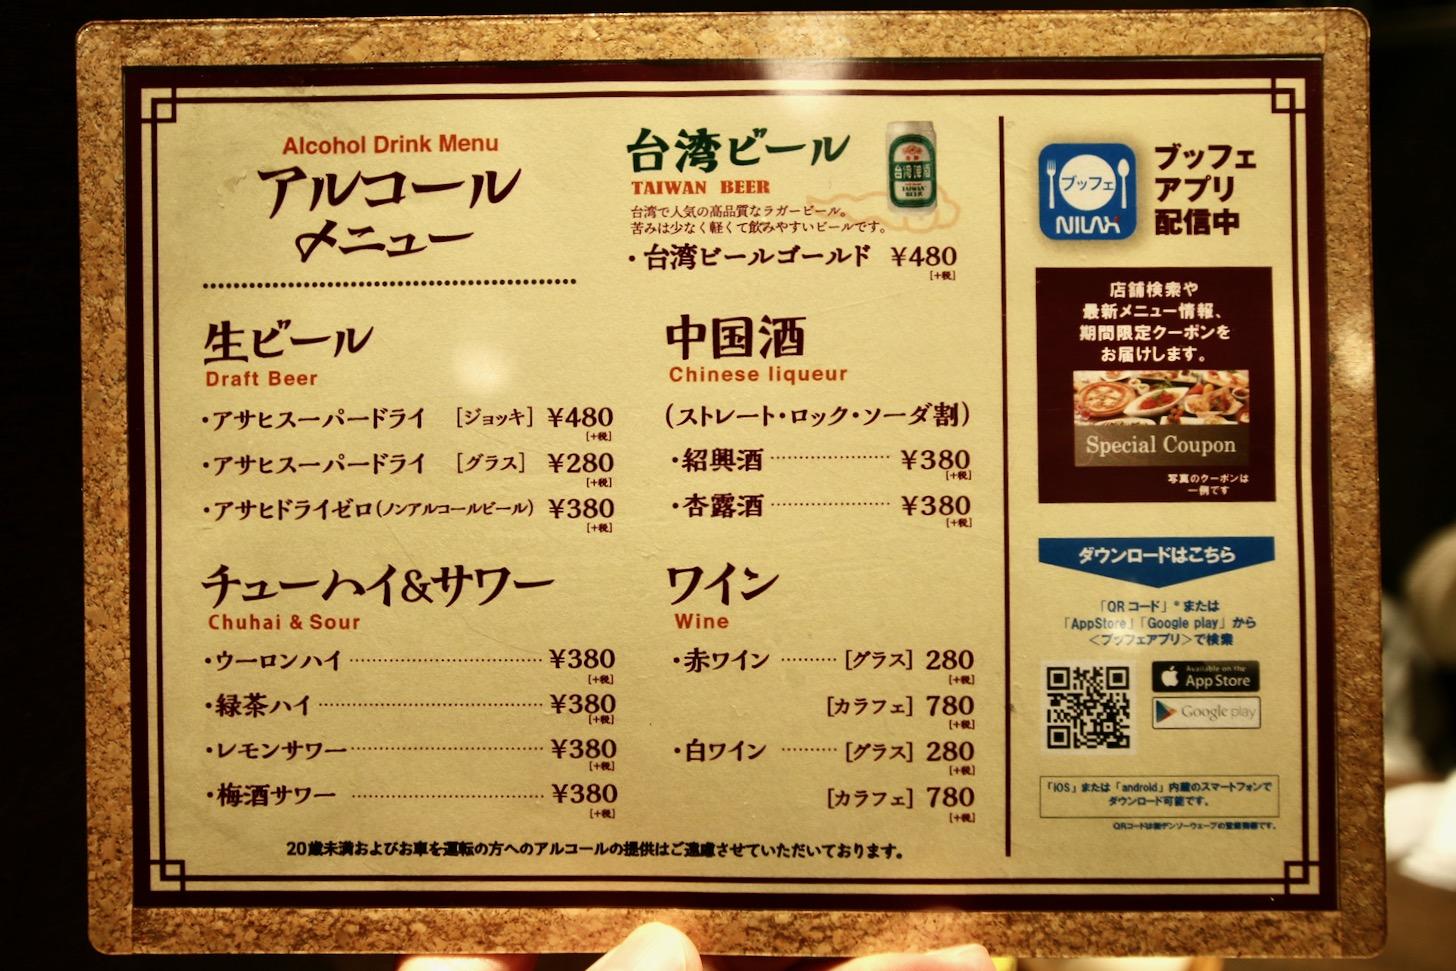 ザ ブッフェ 點心甜心グランベリーパーク南町田店 アルコールメニュー